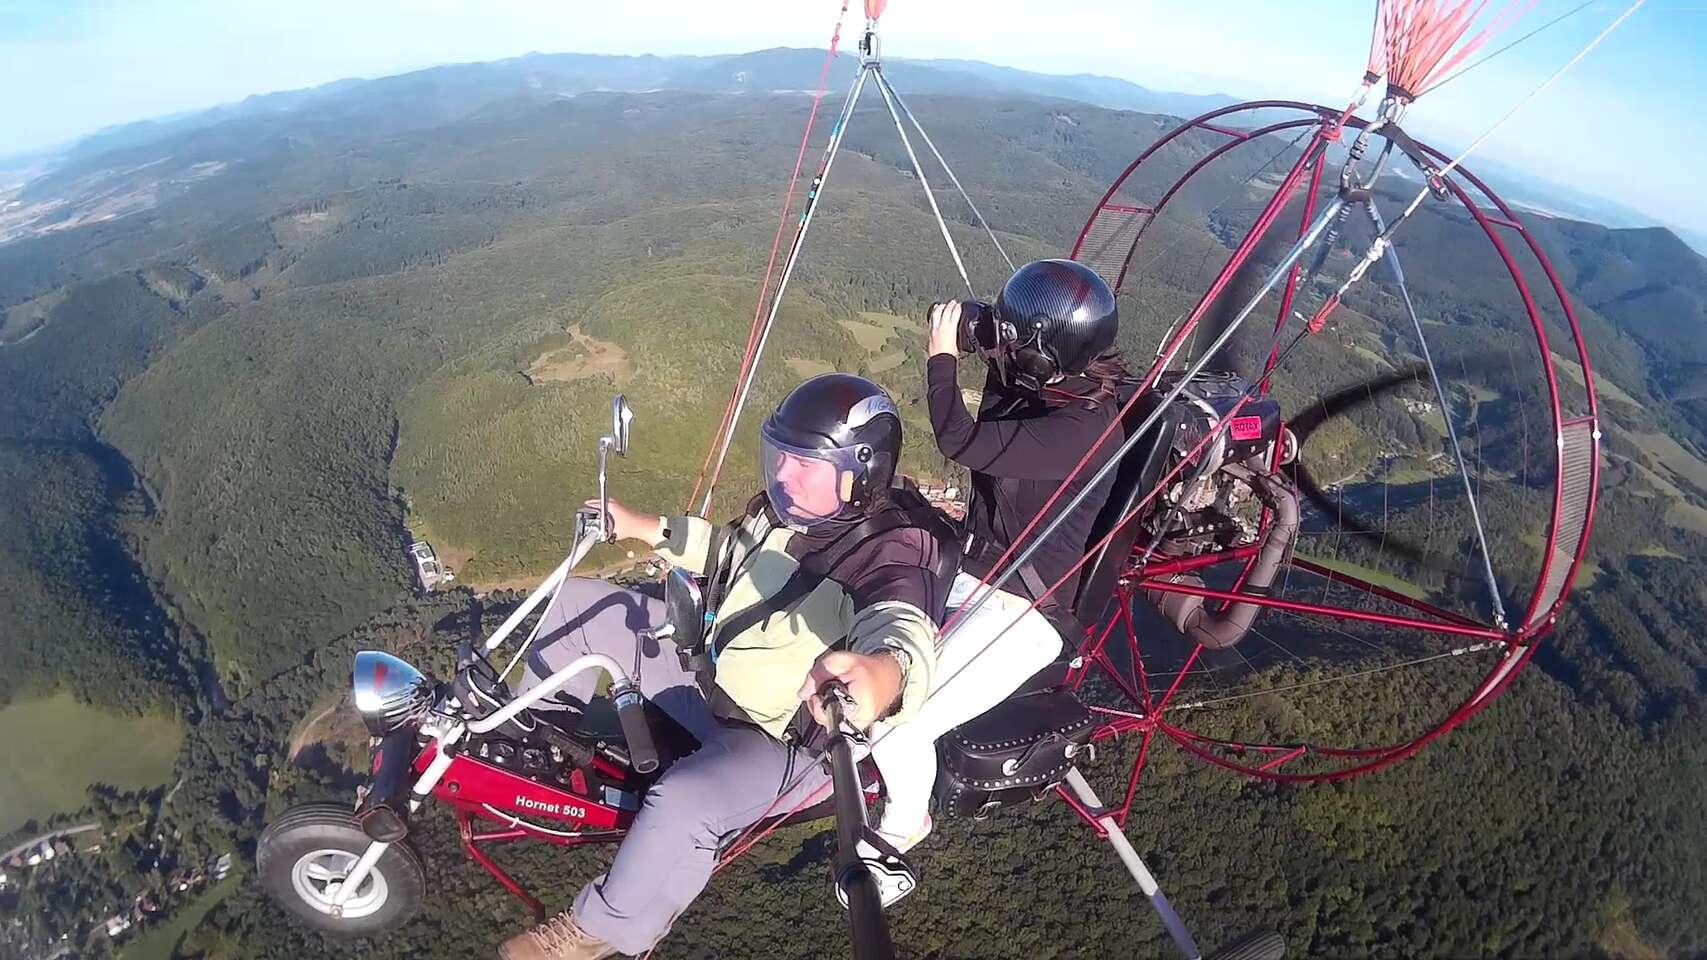 Neopakovateľný zážitok - vyhliadkový let s Air chopprom, motorov...